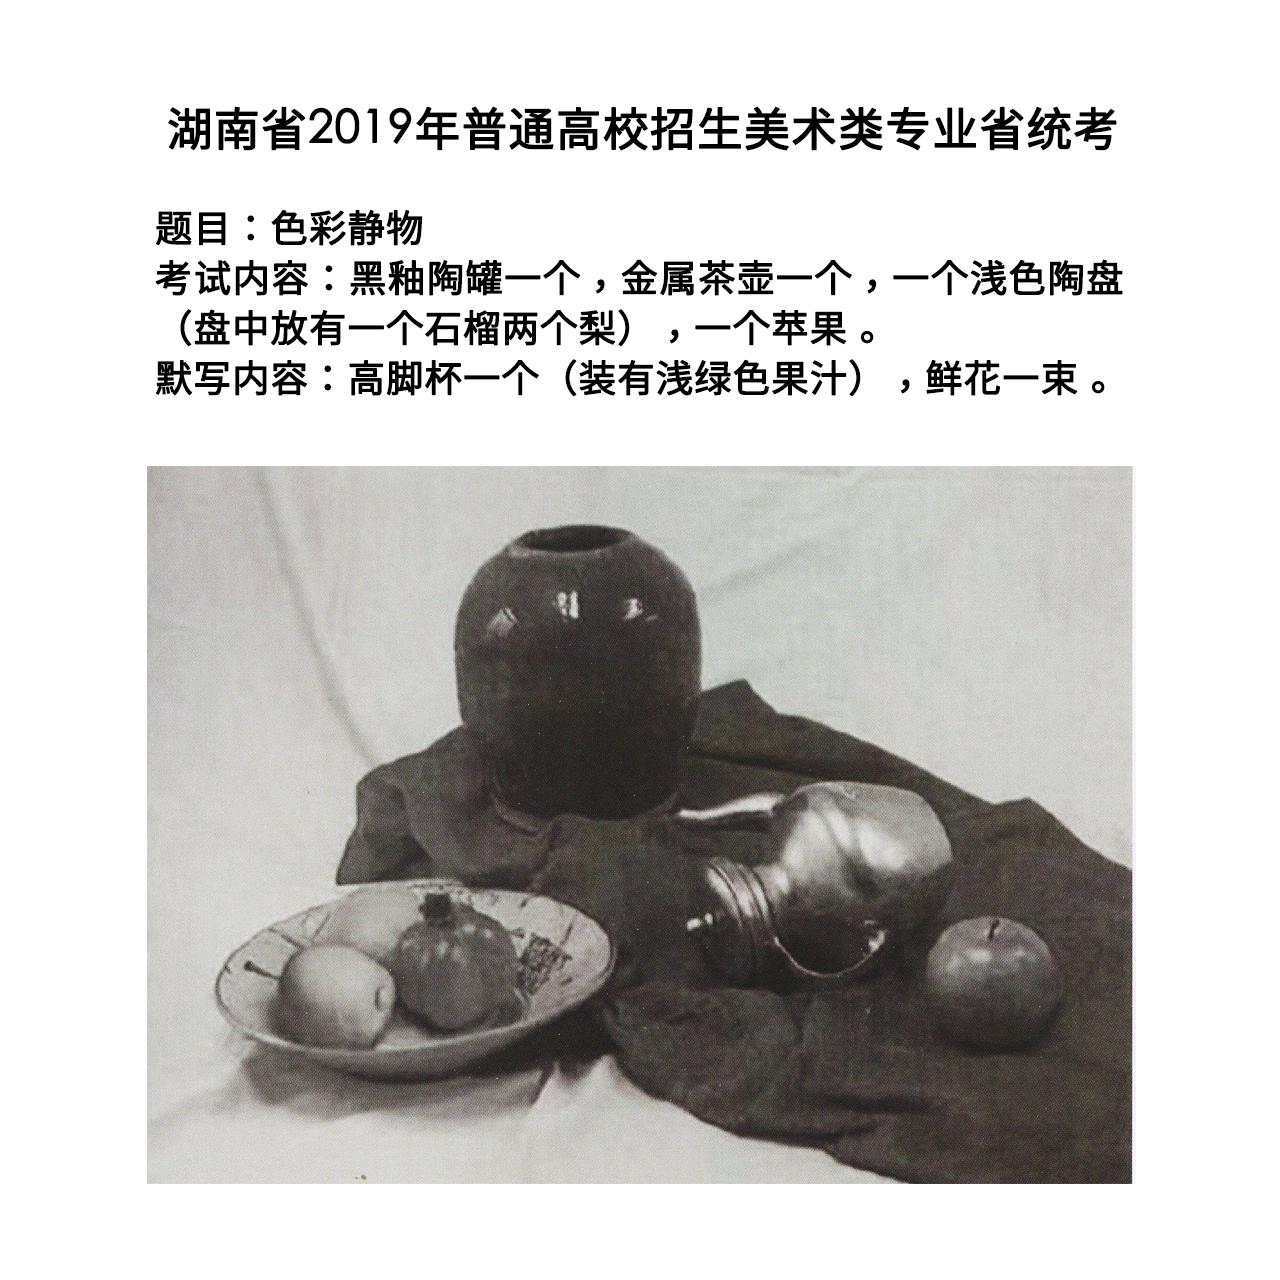 2019色彩.png